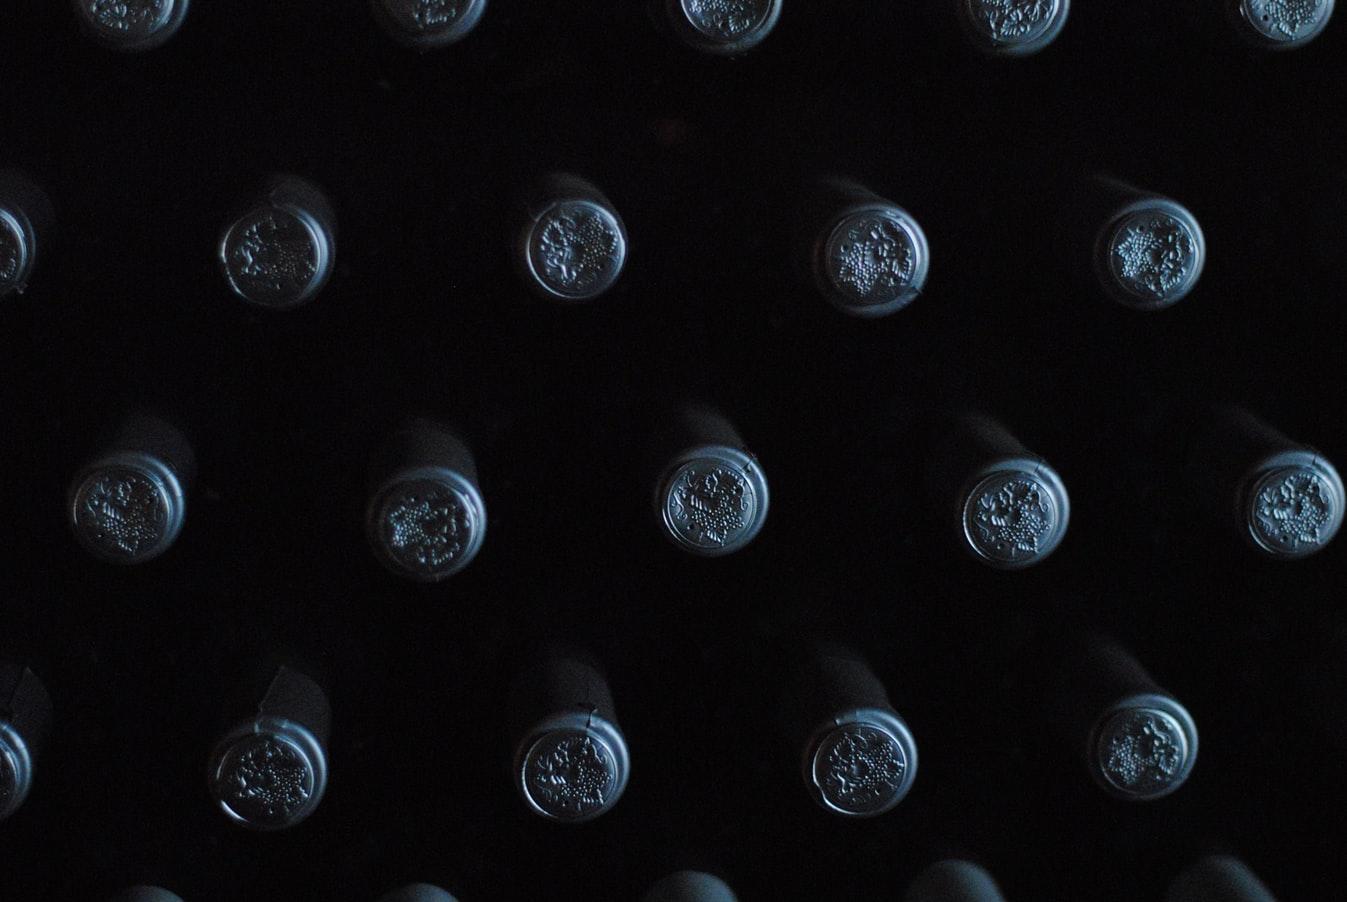 Pourriez-vous me dire les vins que vous connaissez?